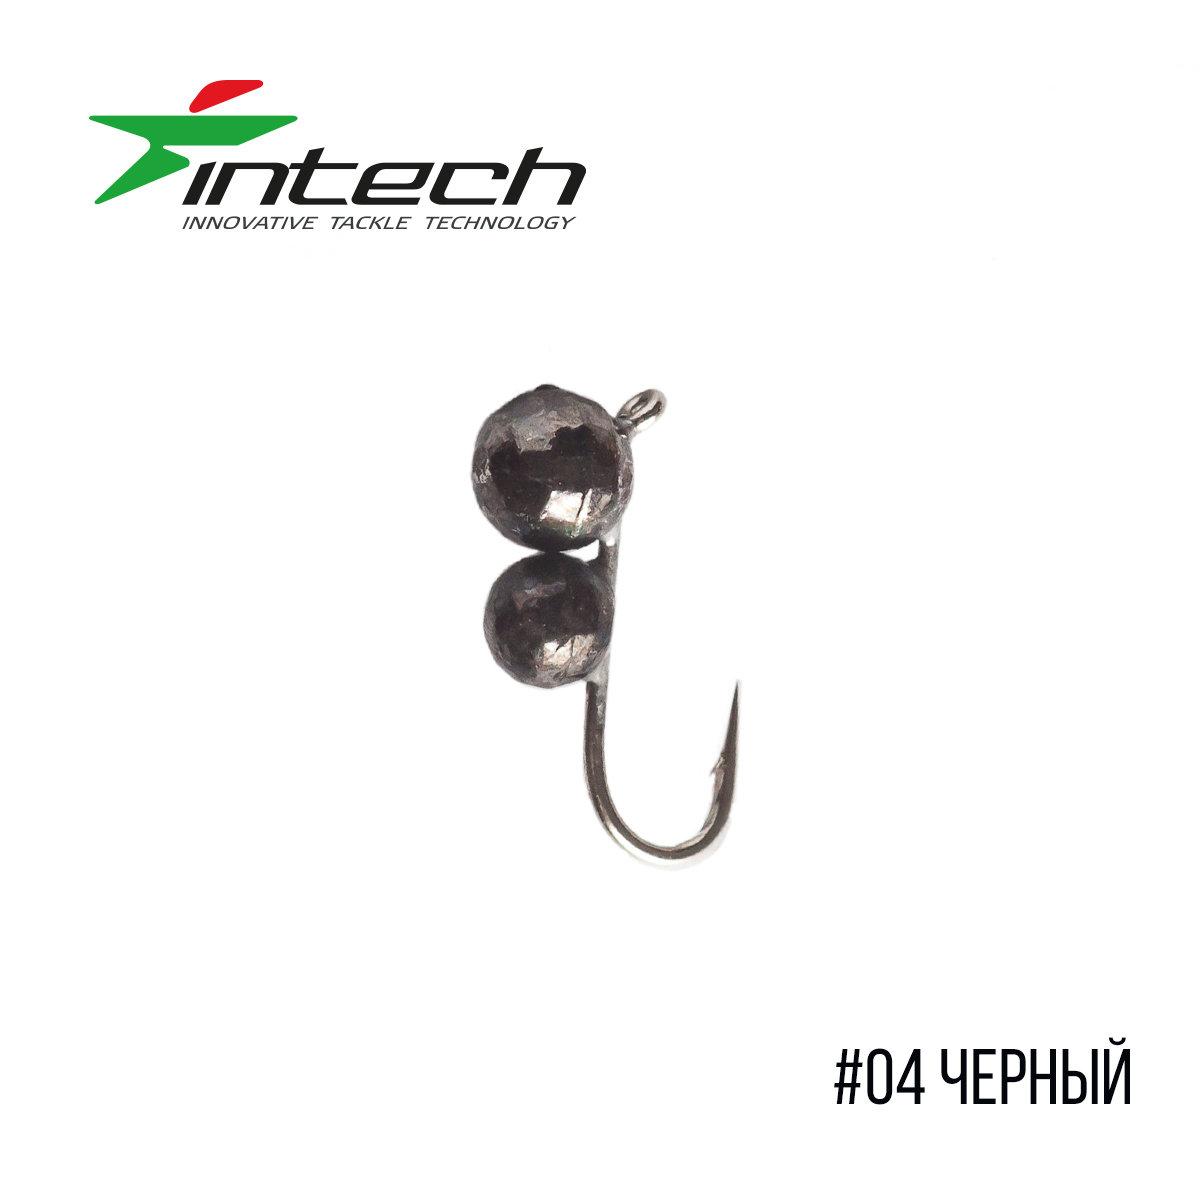 Мормышка Intech Ice Jig Муравей с петелькой (мелкая грань) ø3.0*2.5 (10шт)